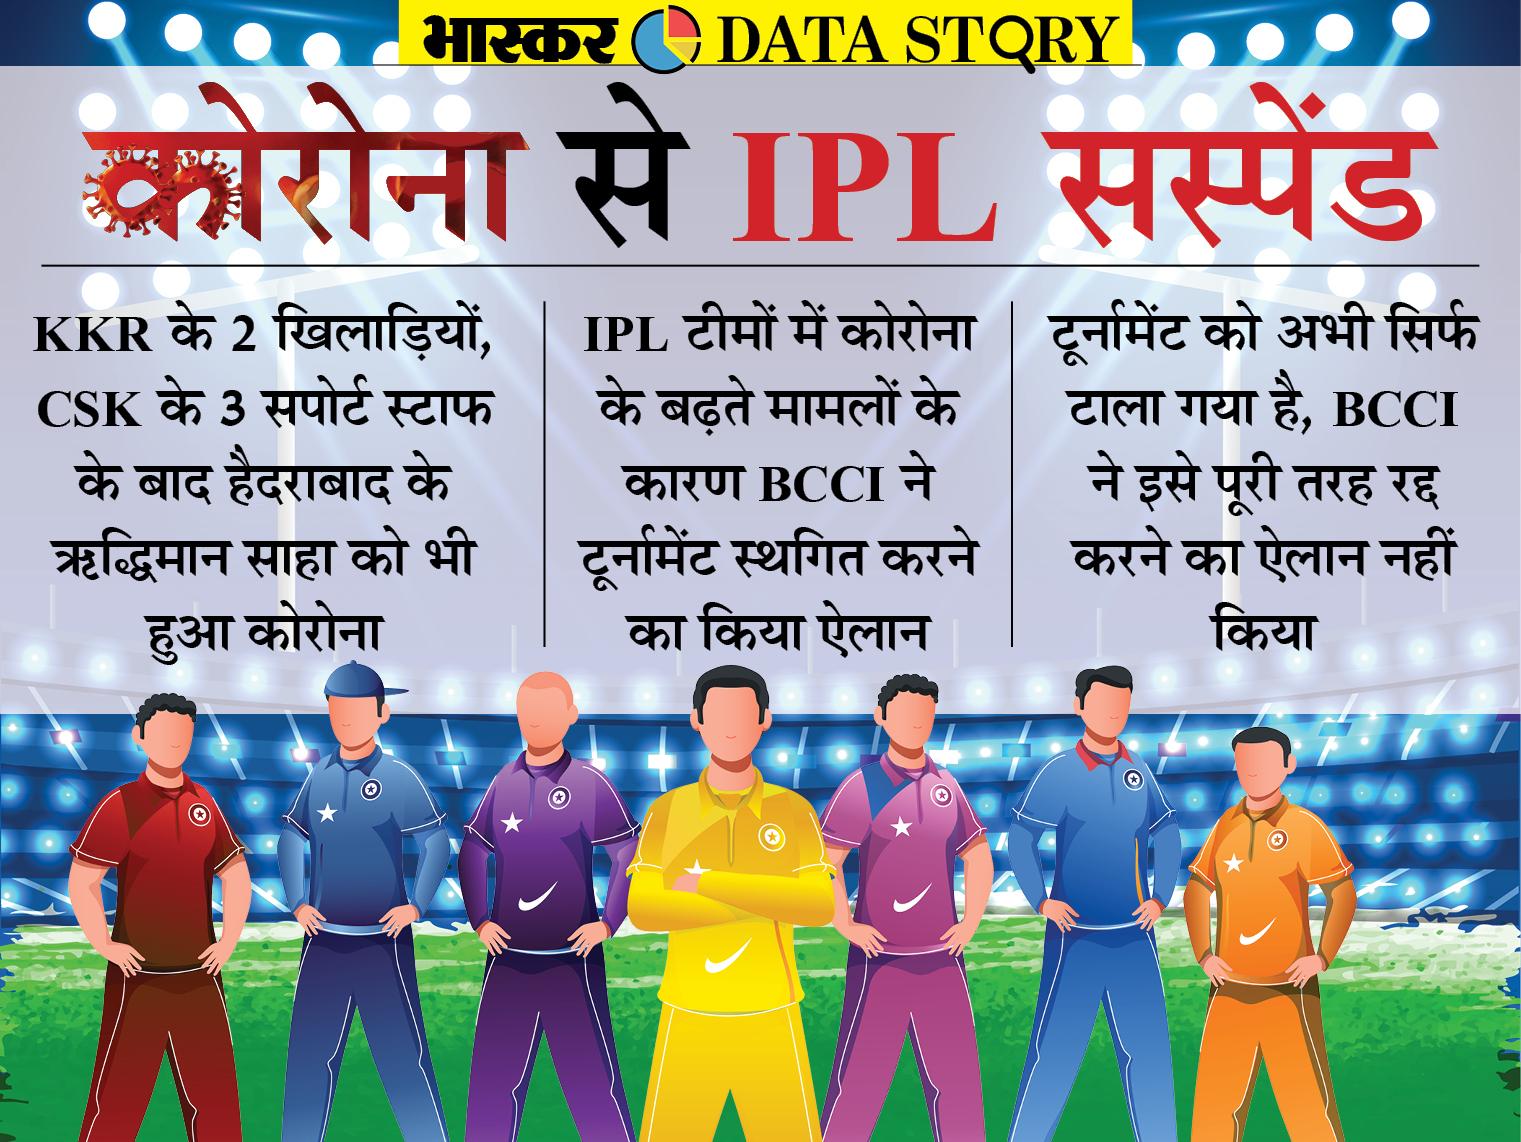 IPL सस्पेंड होने से इसकी ब्रांड वैल्यू को हो सकता है नुकसान, 2020 में भी 3.6% गिरी थी IPL की साख|एक्सप्लेनर,Explainer - Dainik Bhaskar